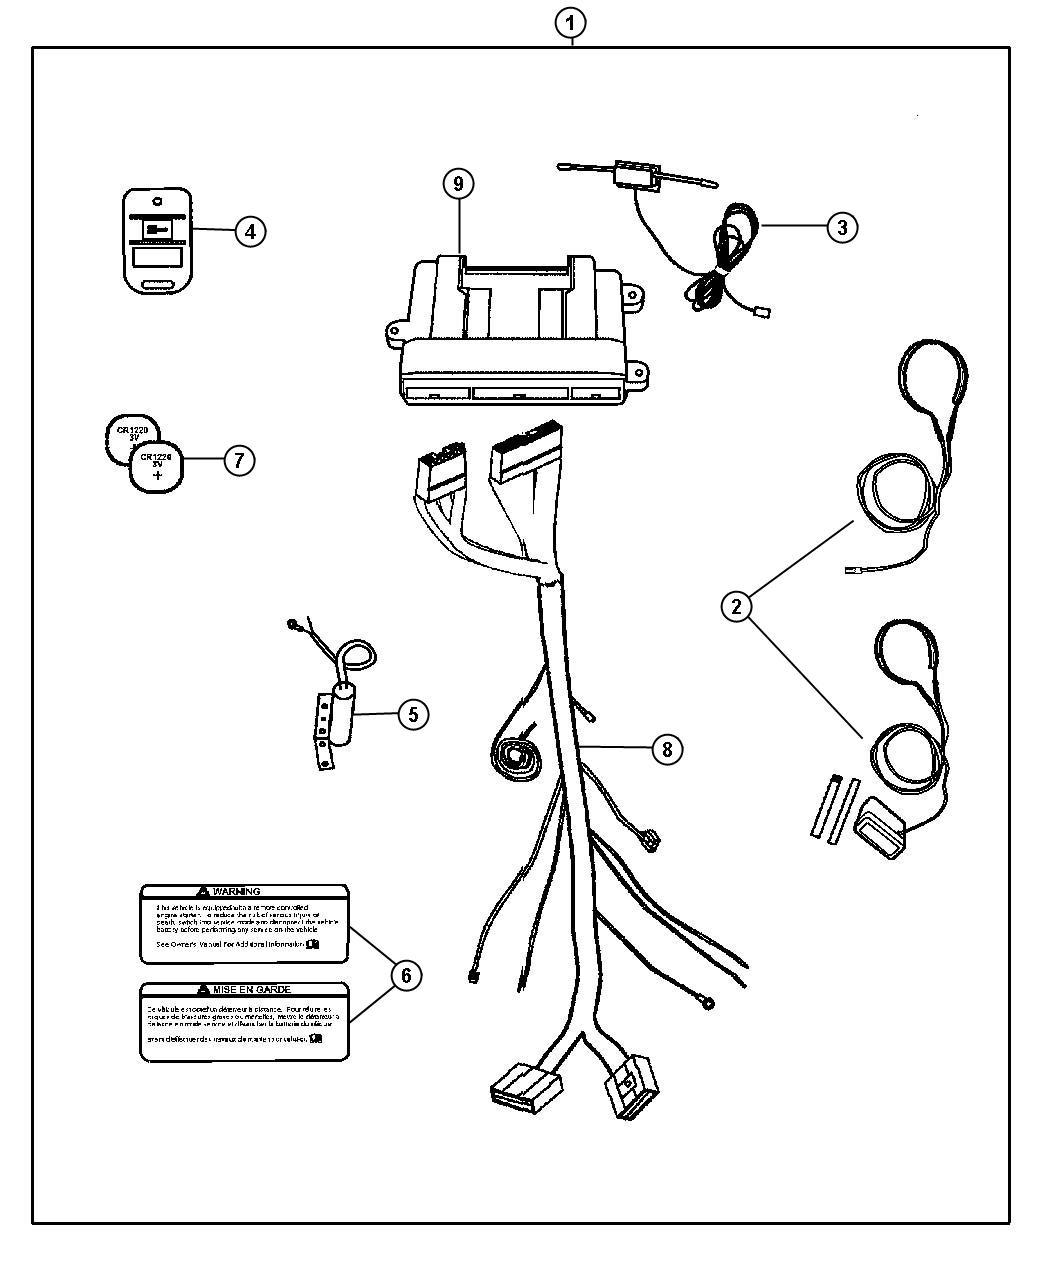 Jeep Liberty Transmitter